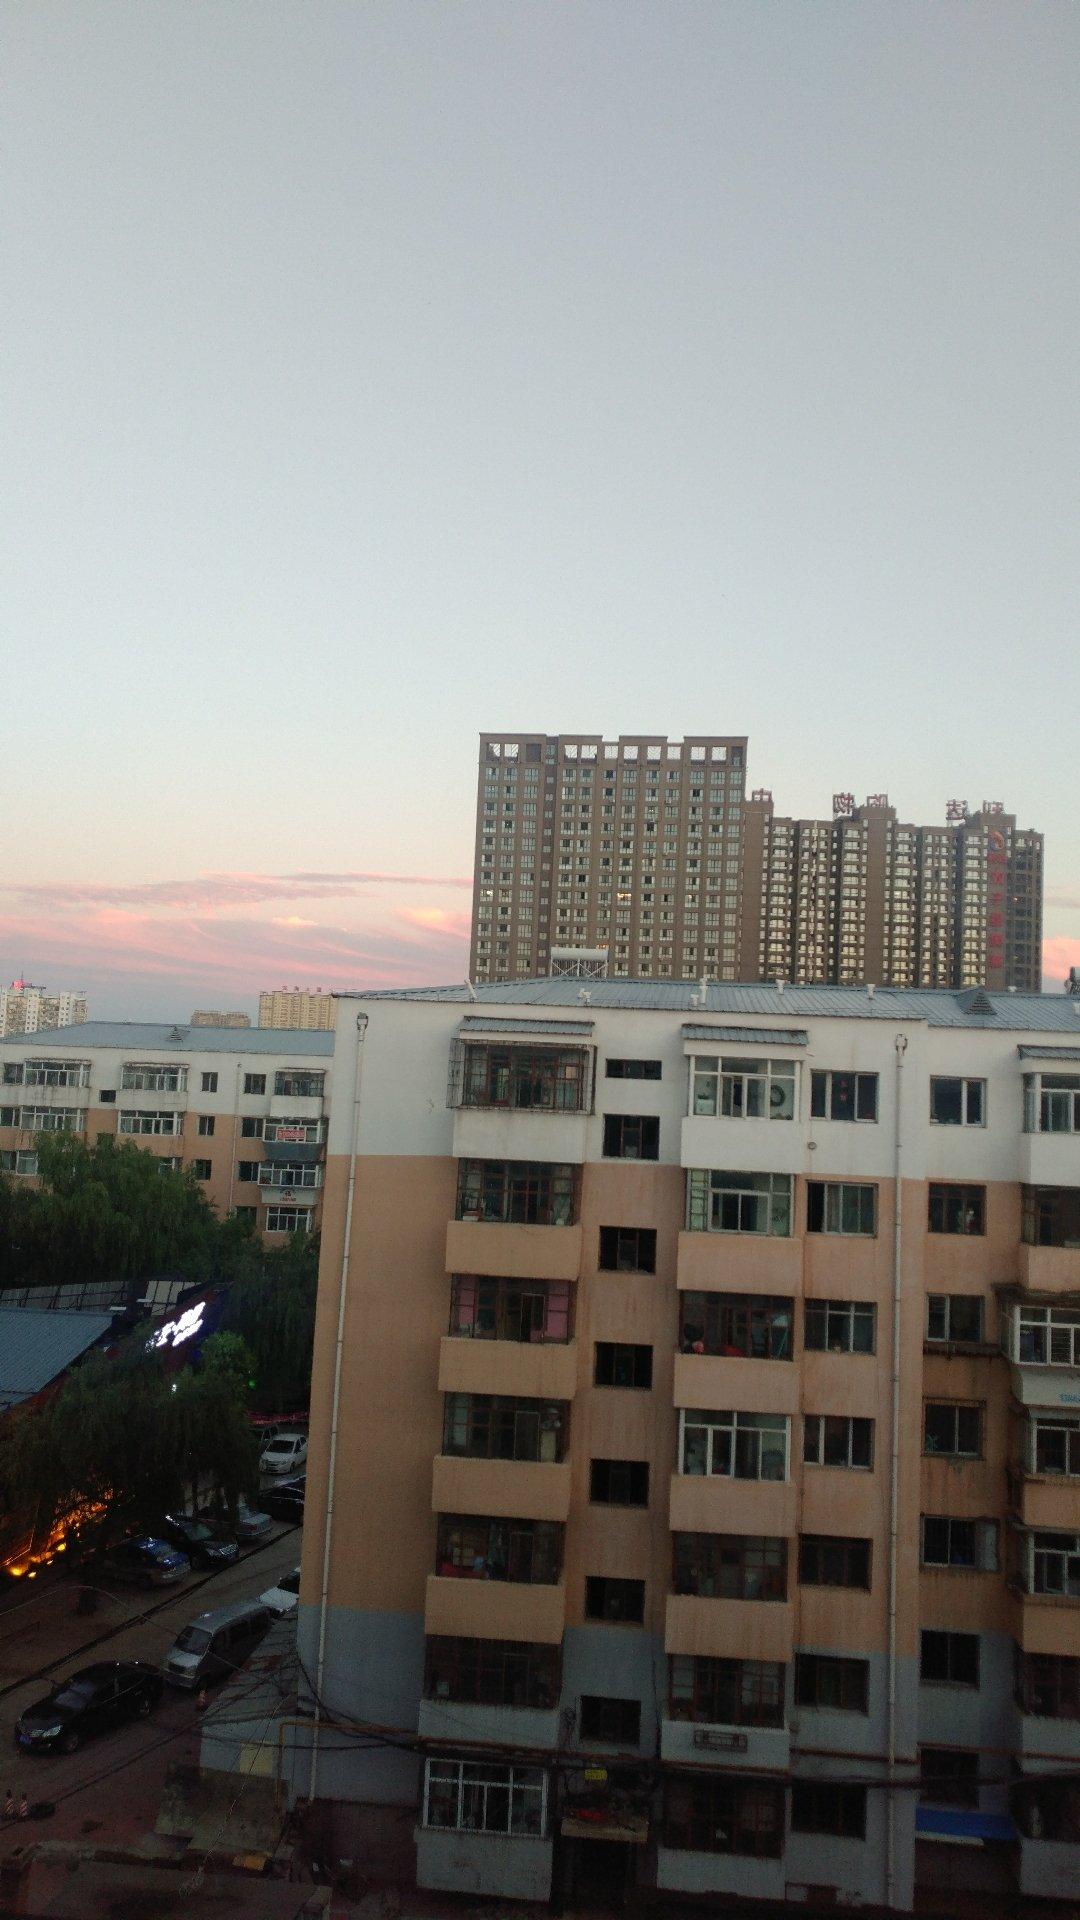 黑龙江省佳木斯市向阳区德祥街靠近中国邮政储蓄银行(江南营业所)天气预报